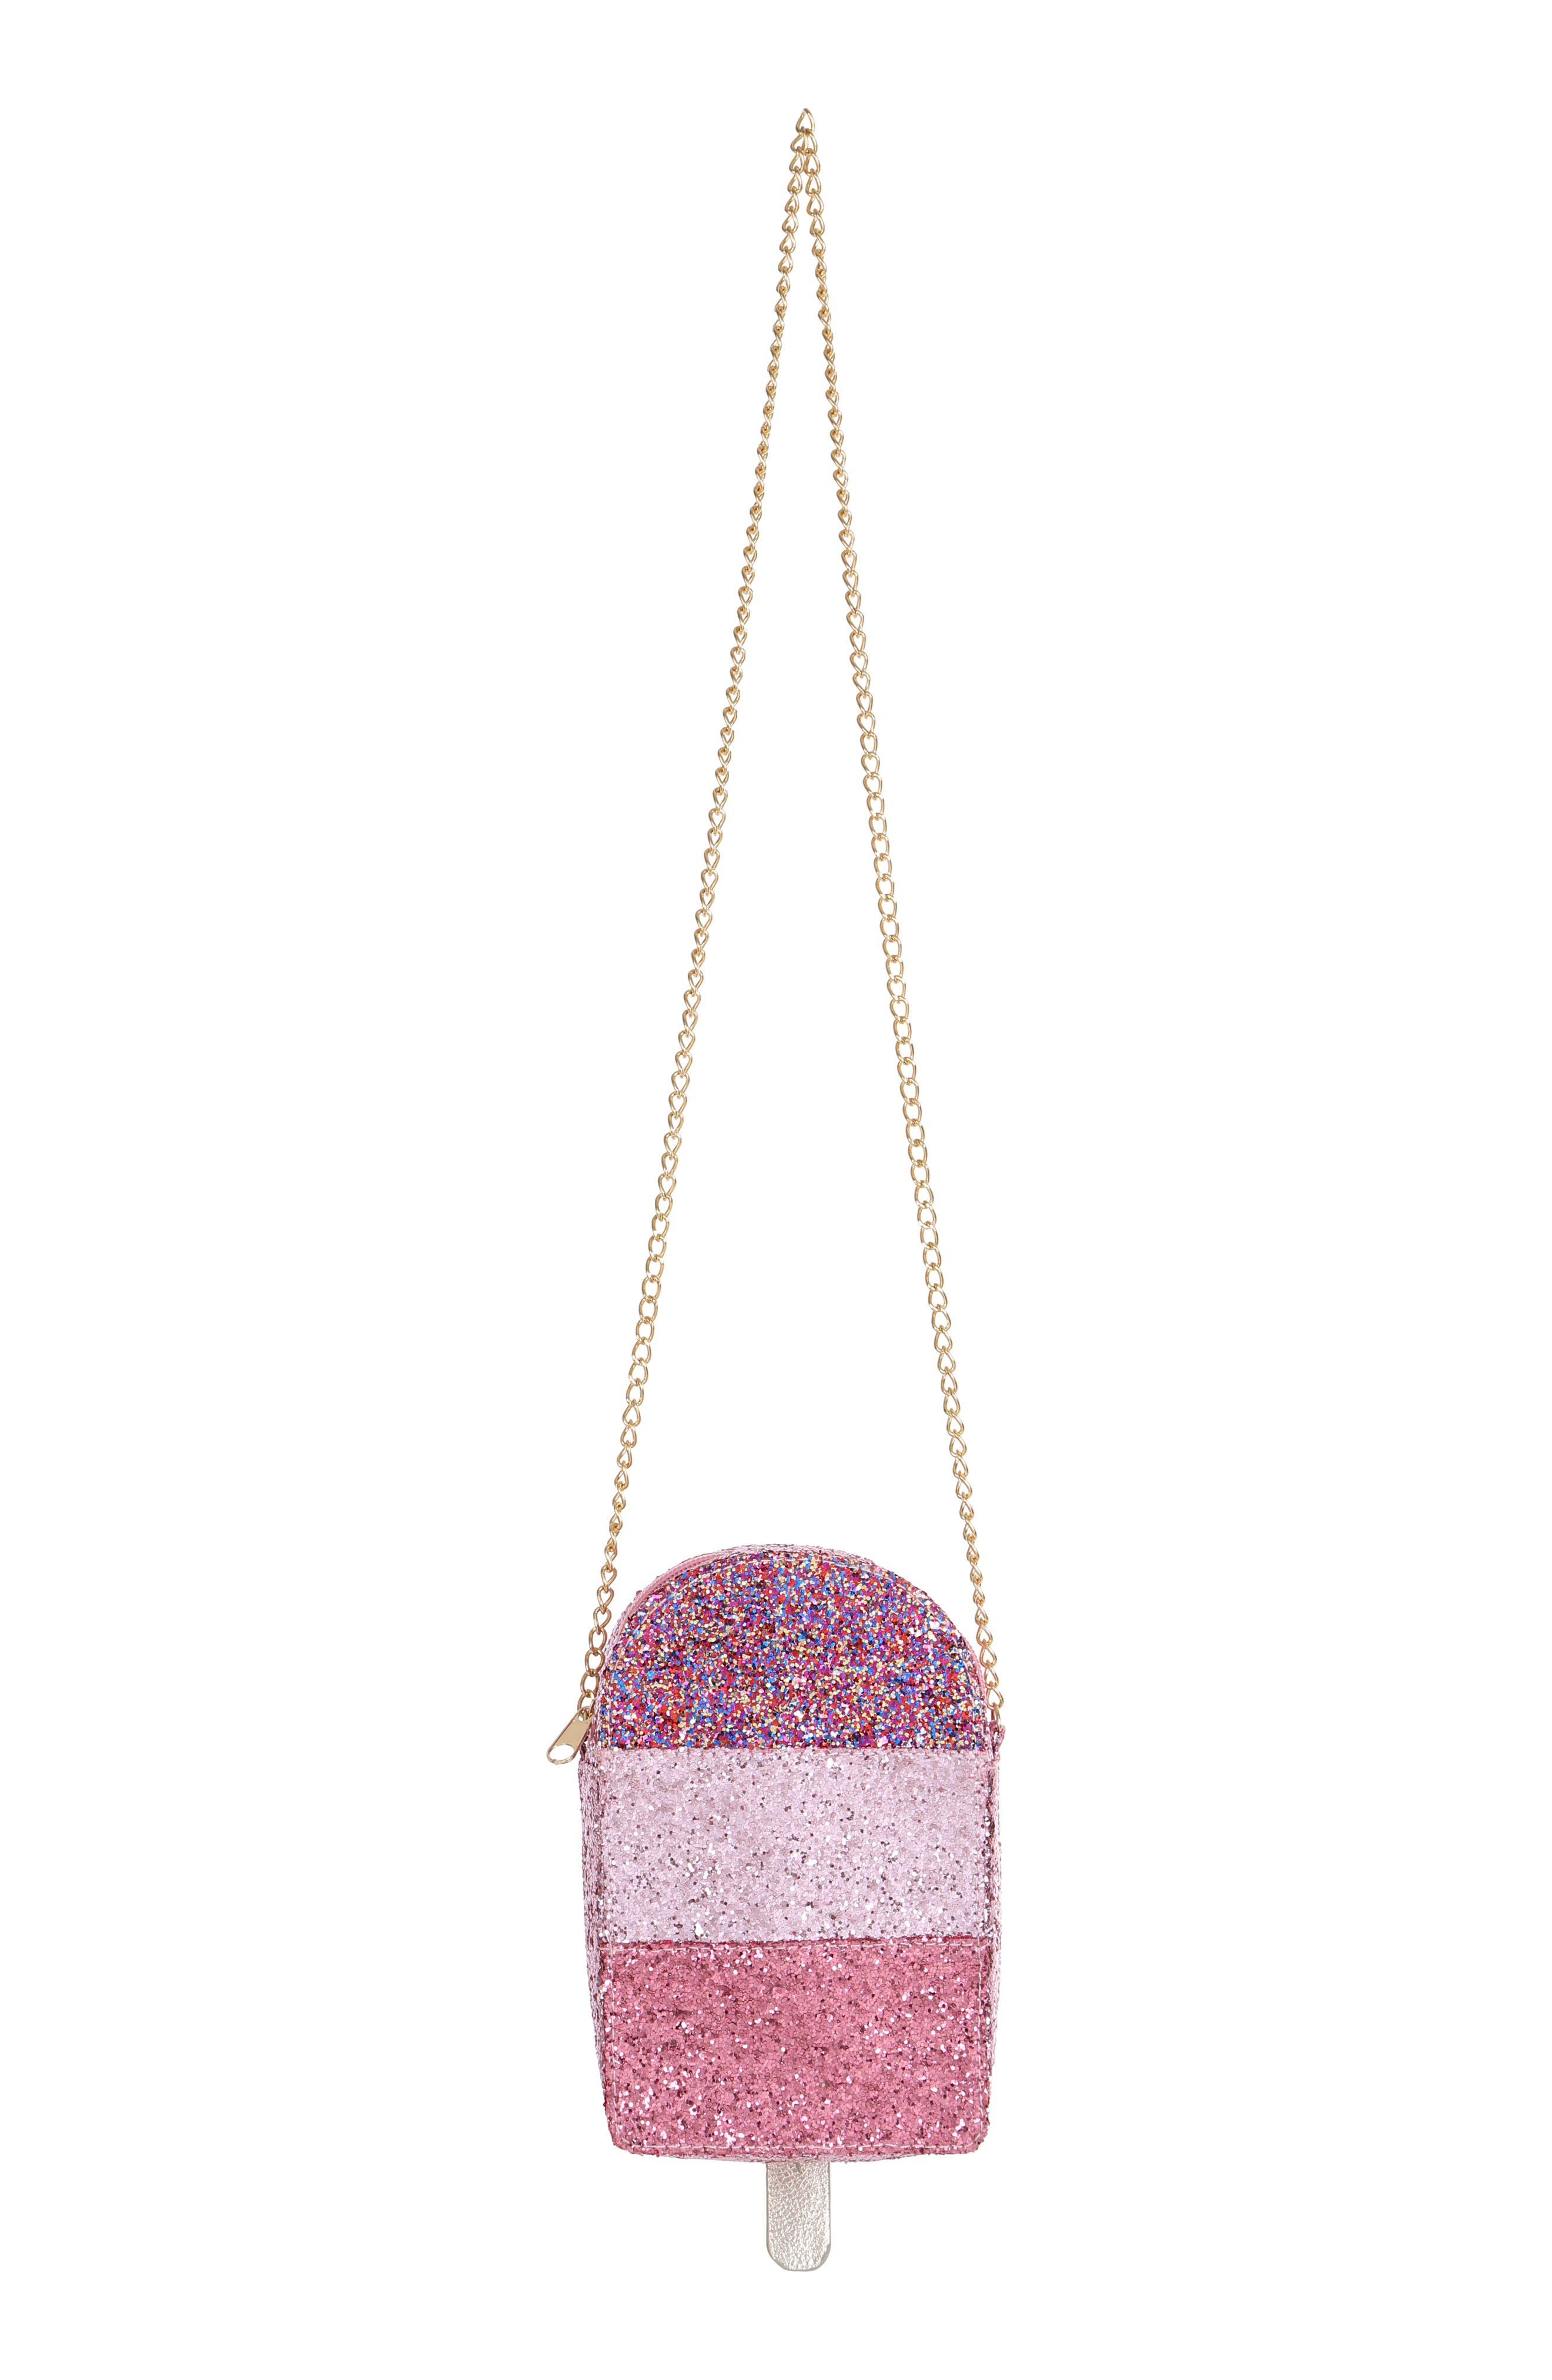 Ice Pop Glitter Shoulder Bag,                             Alternate thumbnail 4, color,                             PINK COMBO